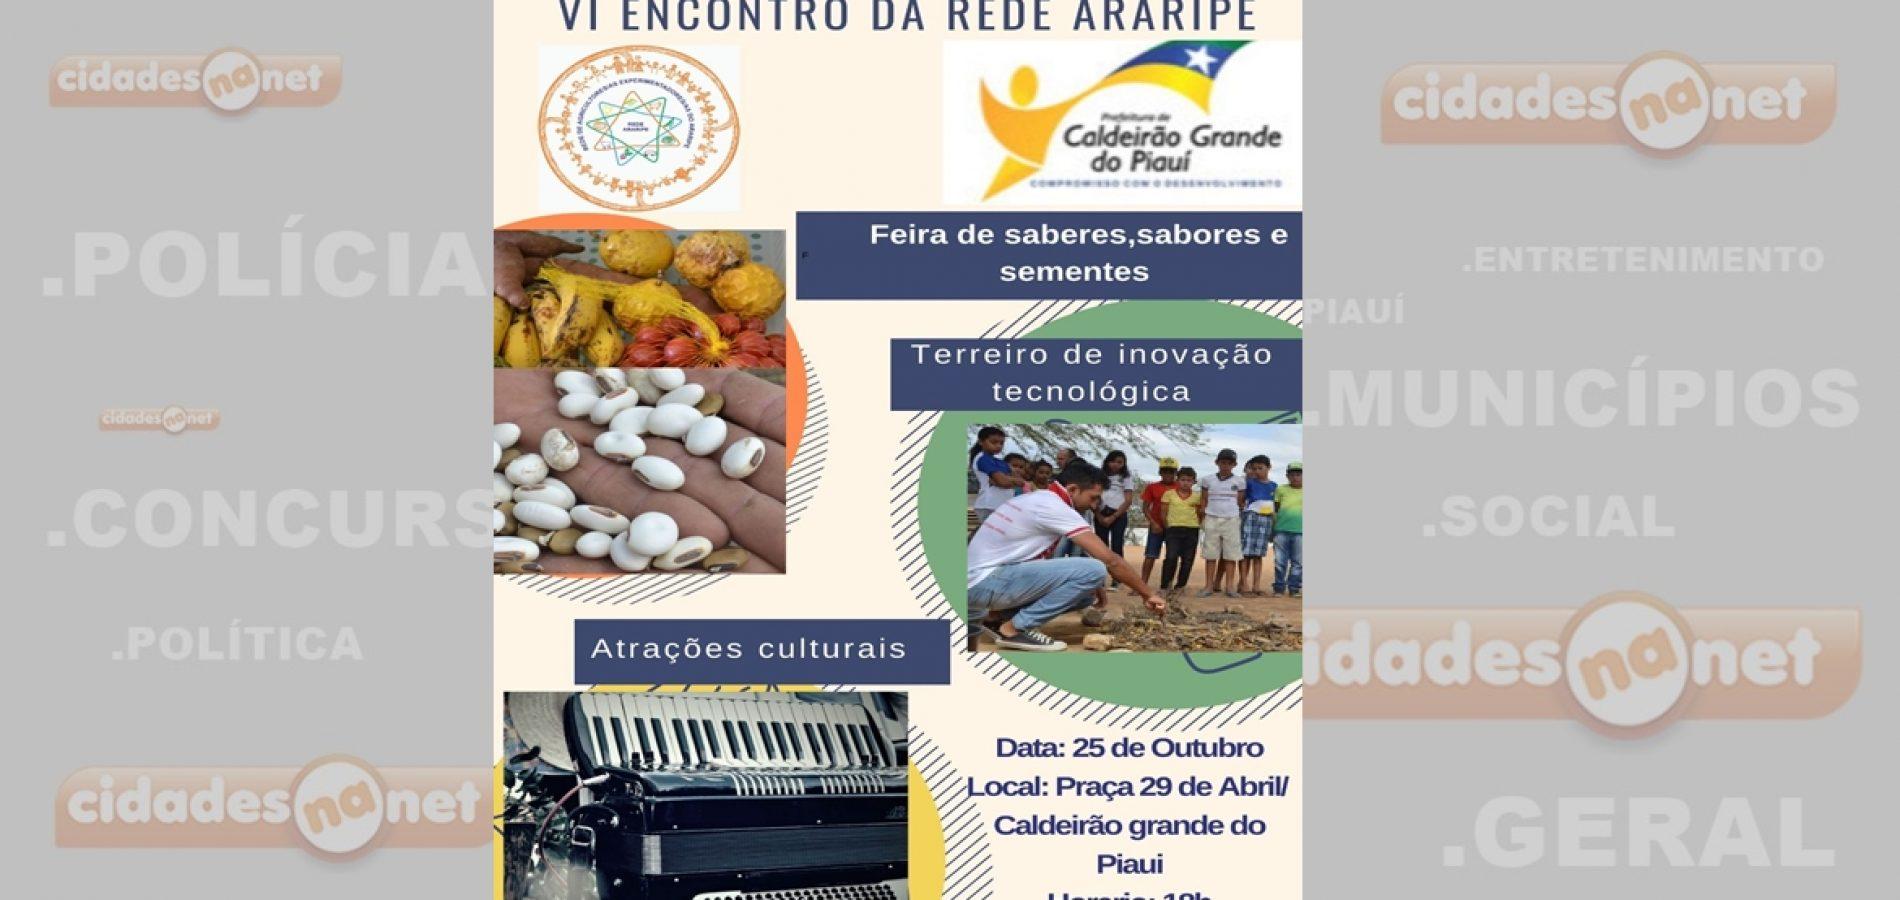 Caldeirão Grande do Piauí sedia nos dias 25 e 26 o VI Encontro da Rede Araripe